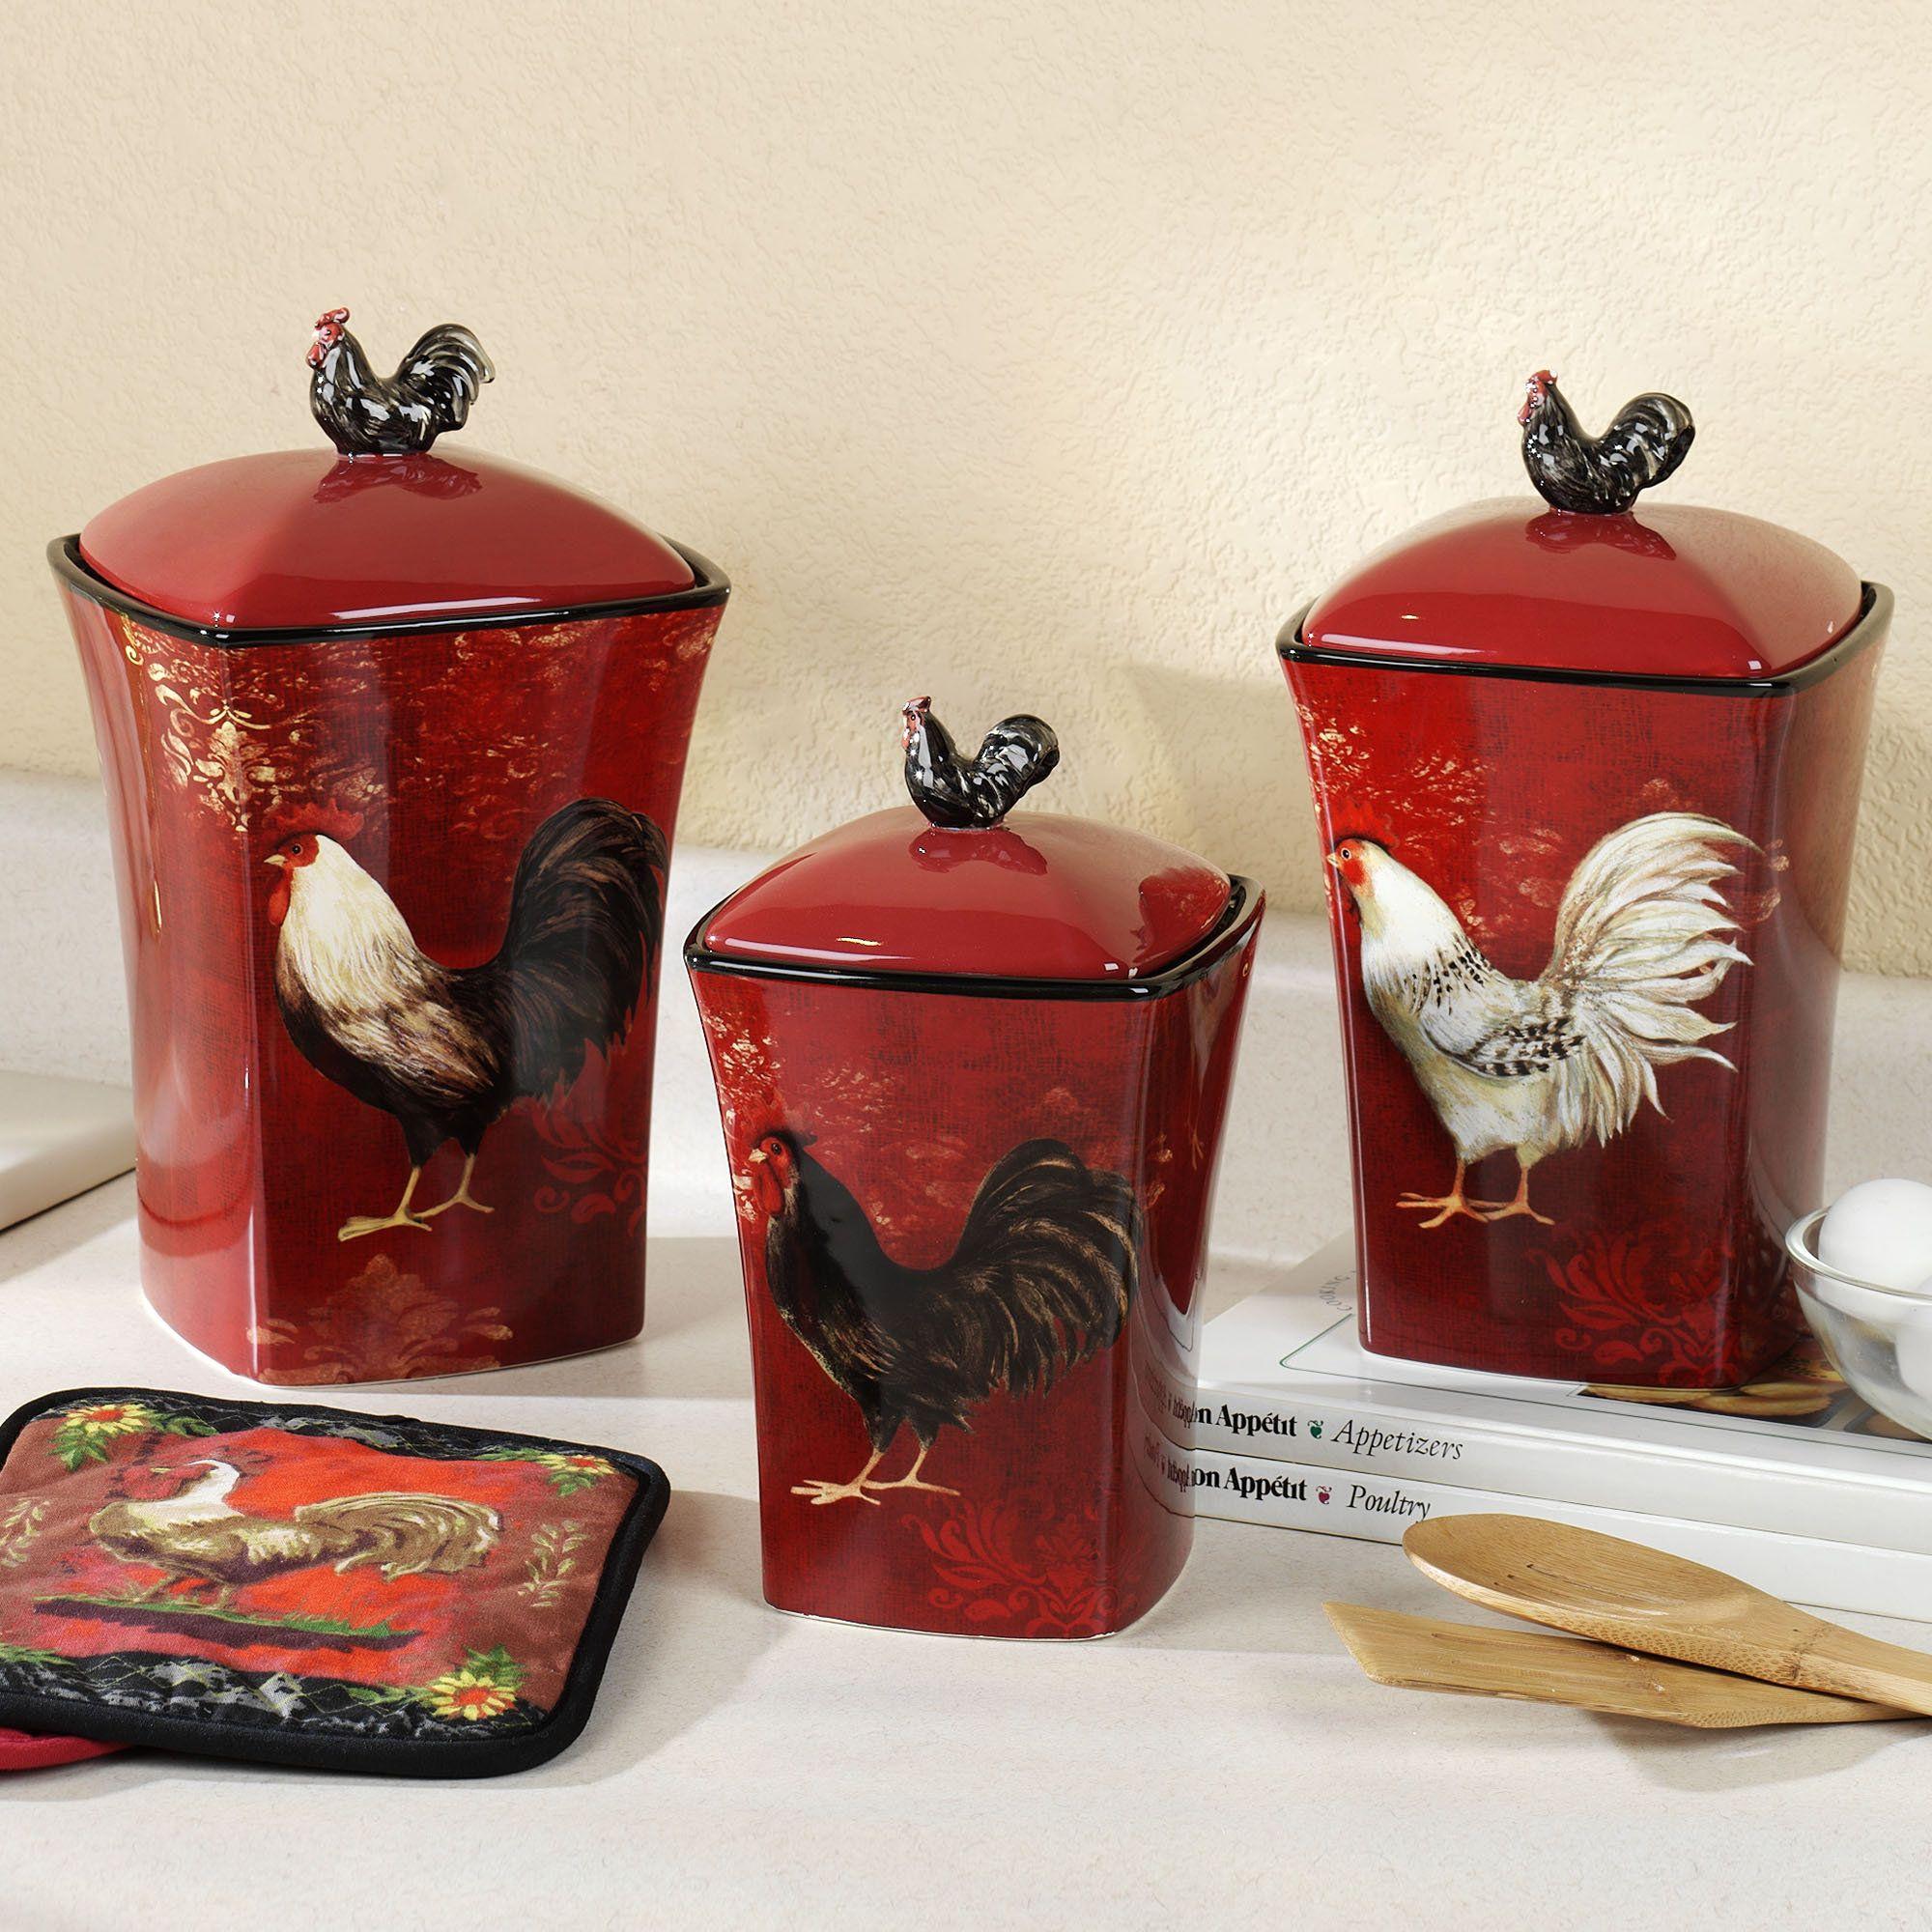 cheap kitchen decor flooring rooster ideas Петух в